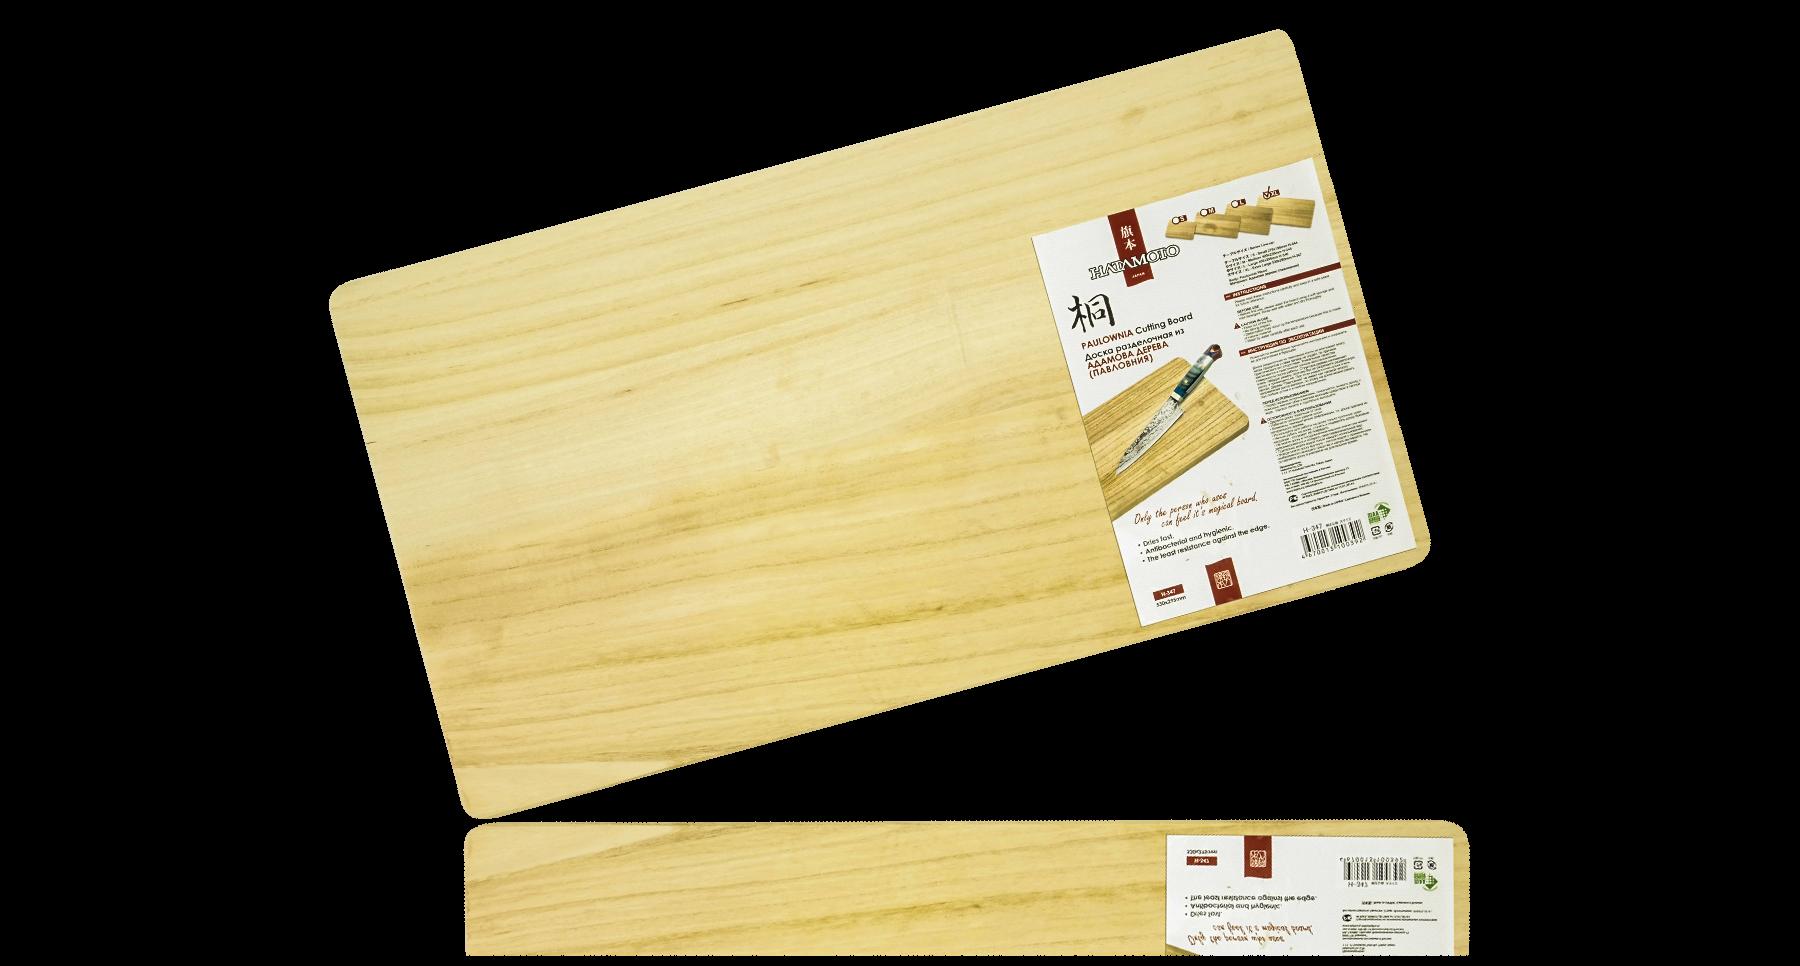 Доска разделочная (L size) 530*295*20ммTojiro<br>Доска разделочная (L size) 530*295*20мм<br>Не впитывает влагу, запах продуктов и сама запаха не отдаёт, по причине практического его отсутствия. Уникальные свойства заключаются в практически полном восстановлении поверхности после работы. Структура дерева напоминает очень твёрдую резину, поэтому Вы не разрезаете разделочную доску, а проминаете её. Ножи гораздо дольше держат заточку. При этом разделочная доска очень лёгкая.<br>Рекомендована производителями Японских ножей.<br>